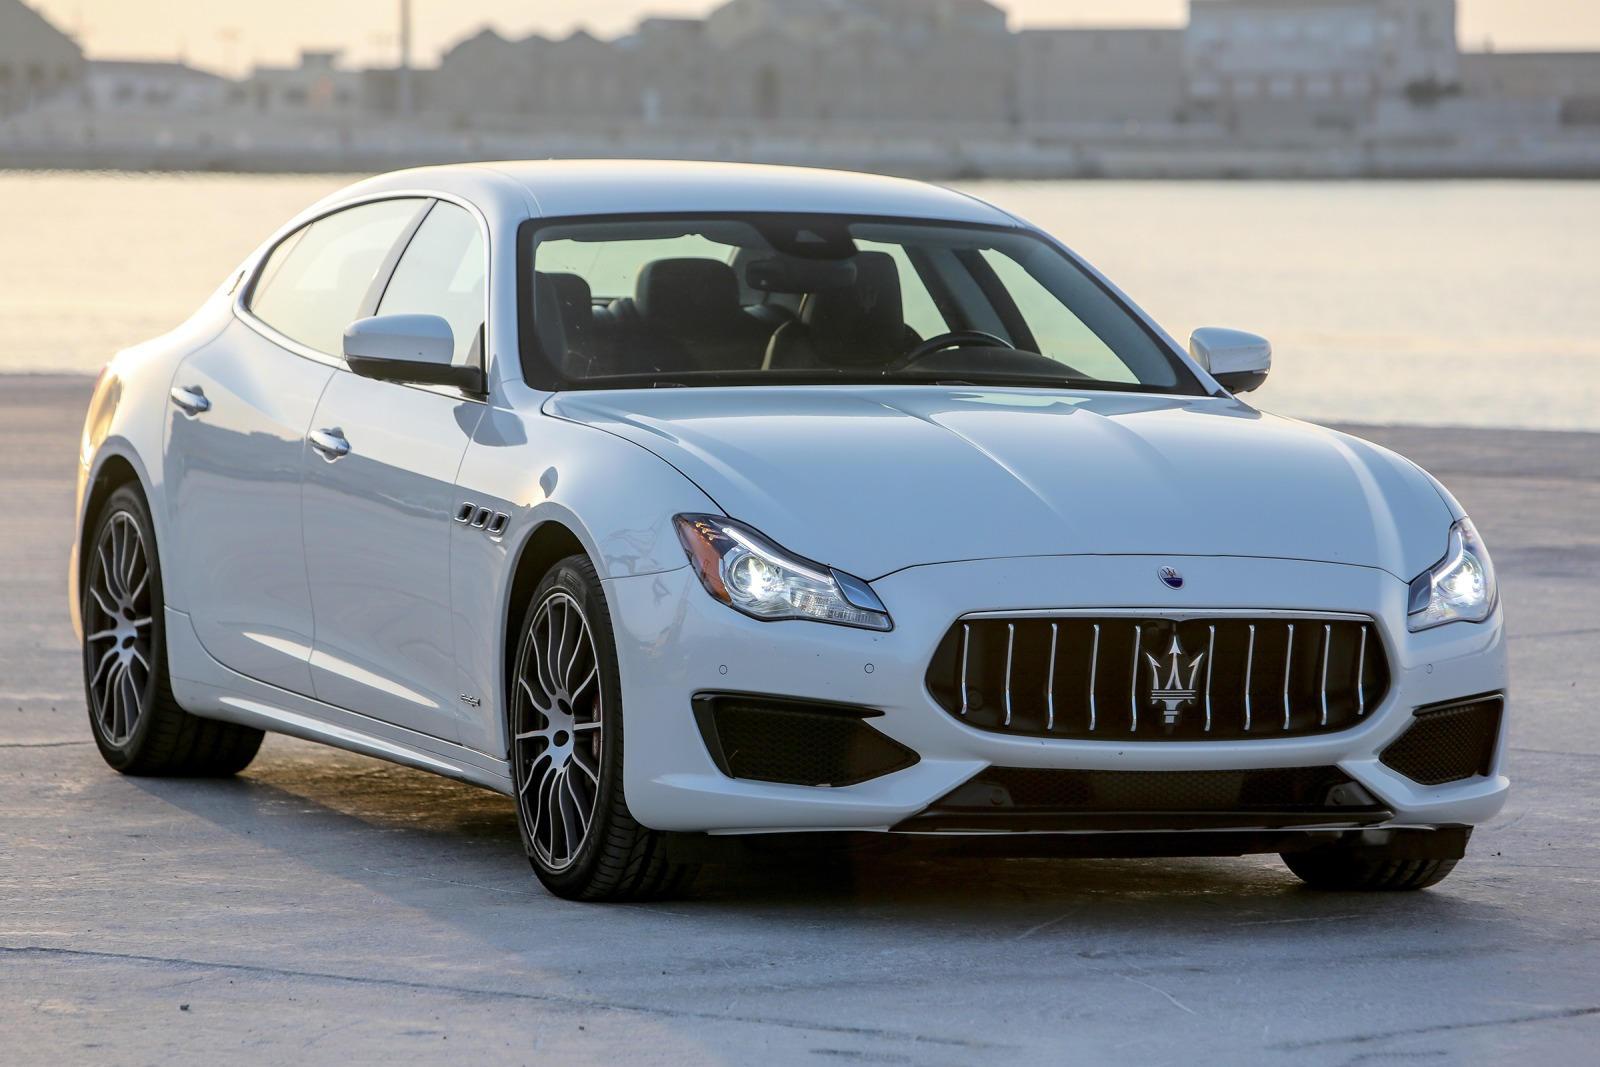 2020 Maserati Quattroporte: Review, Trims, Specs, Price, New Interior Features, Exterior Design ...